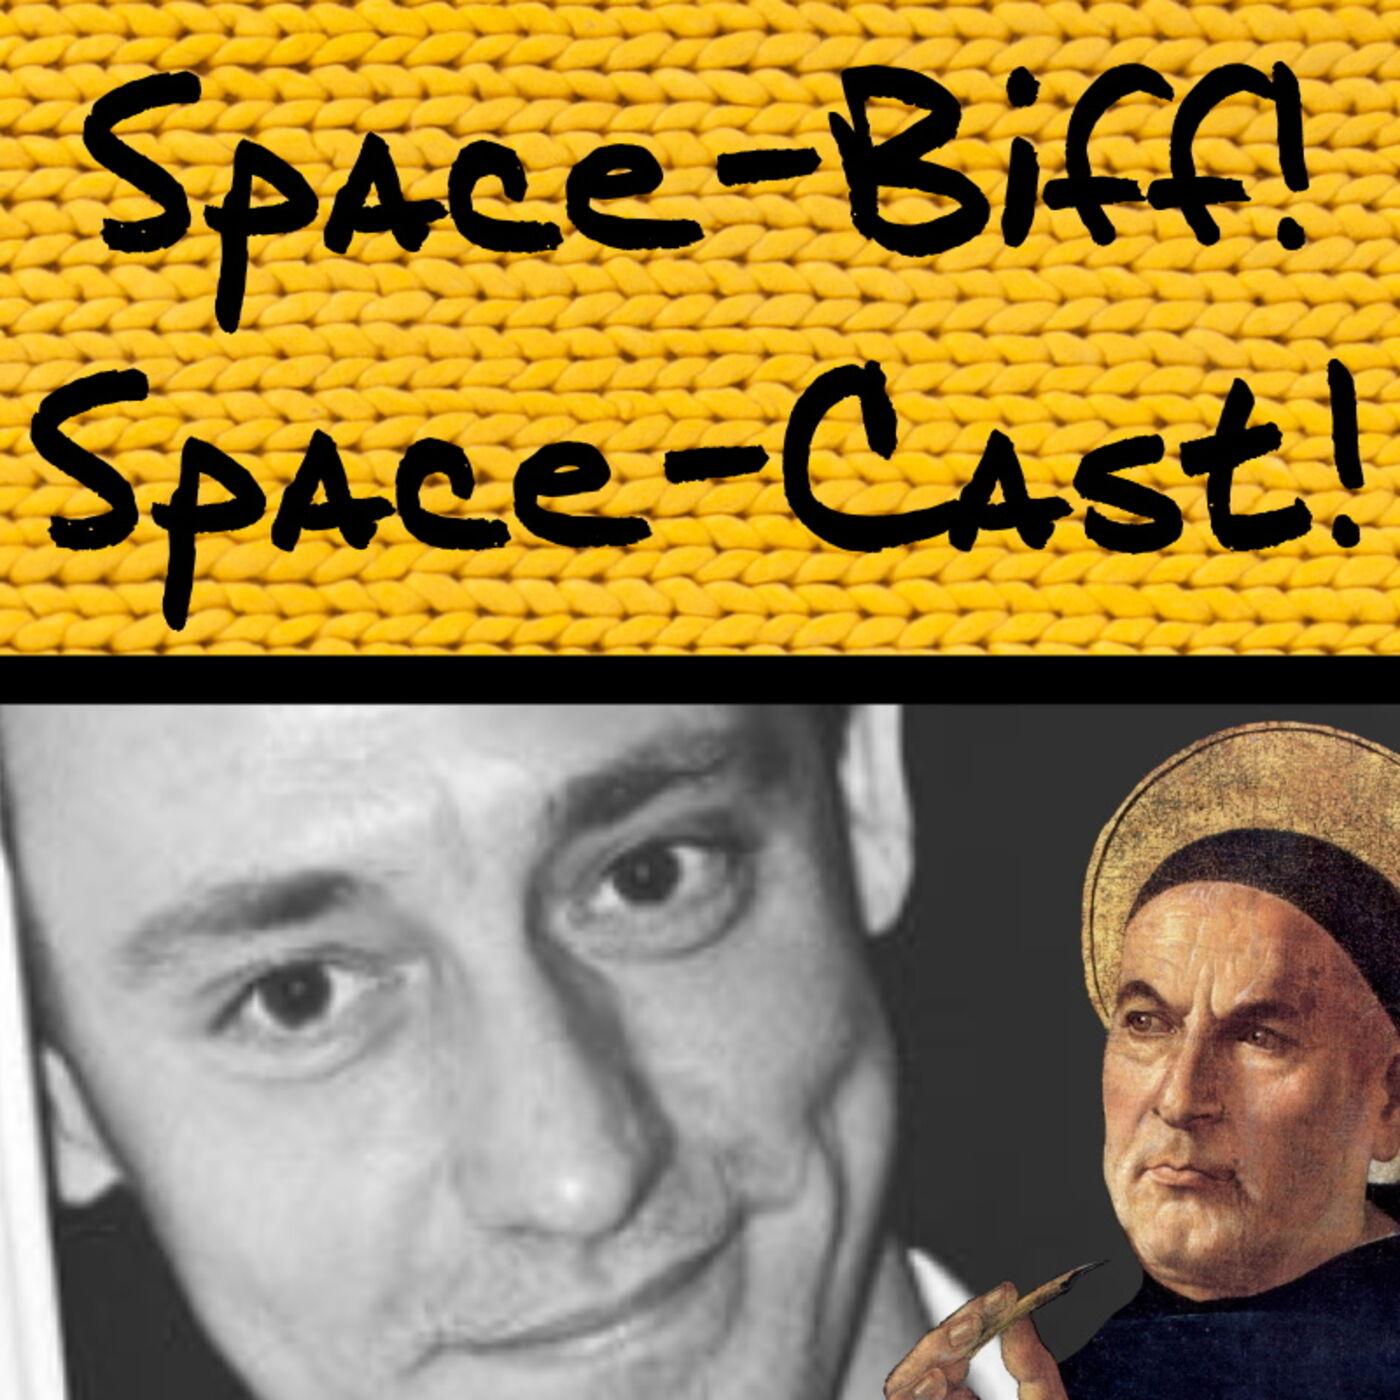 Space-Cast! #3. Critic vs. Critic